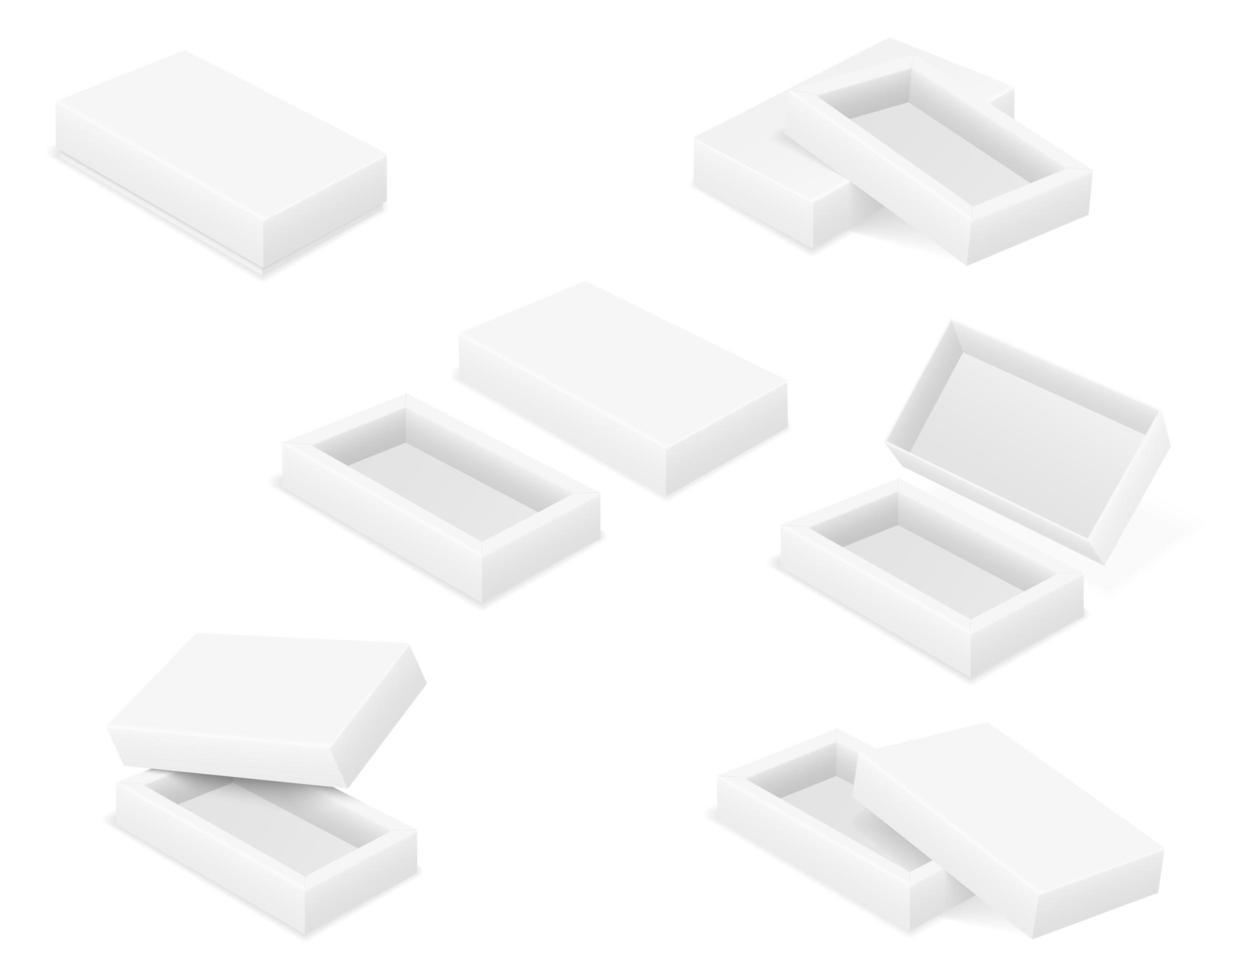 leeres Kartonverpackungsset vektor